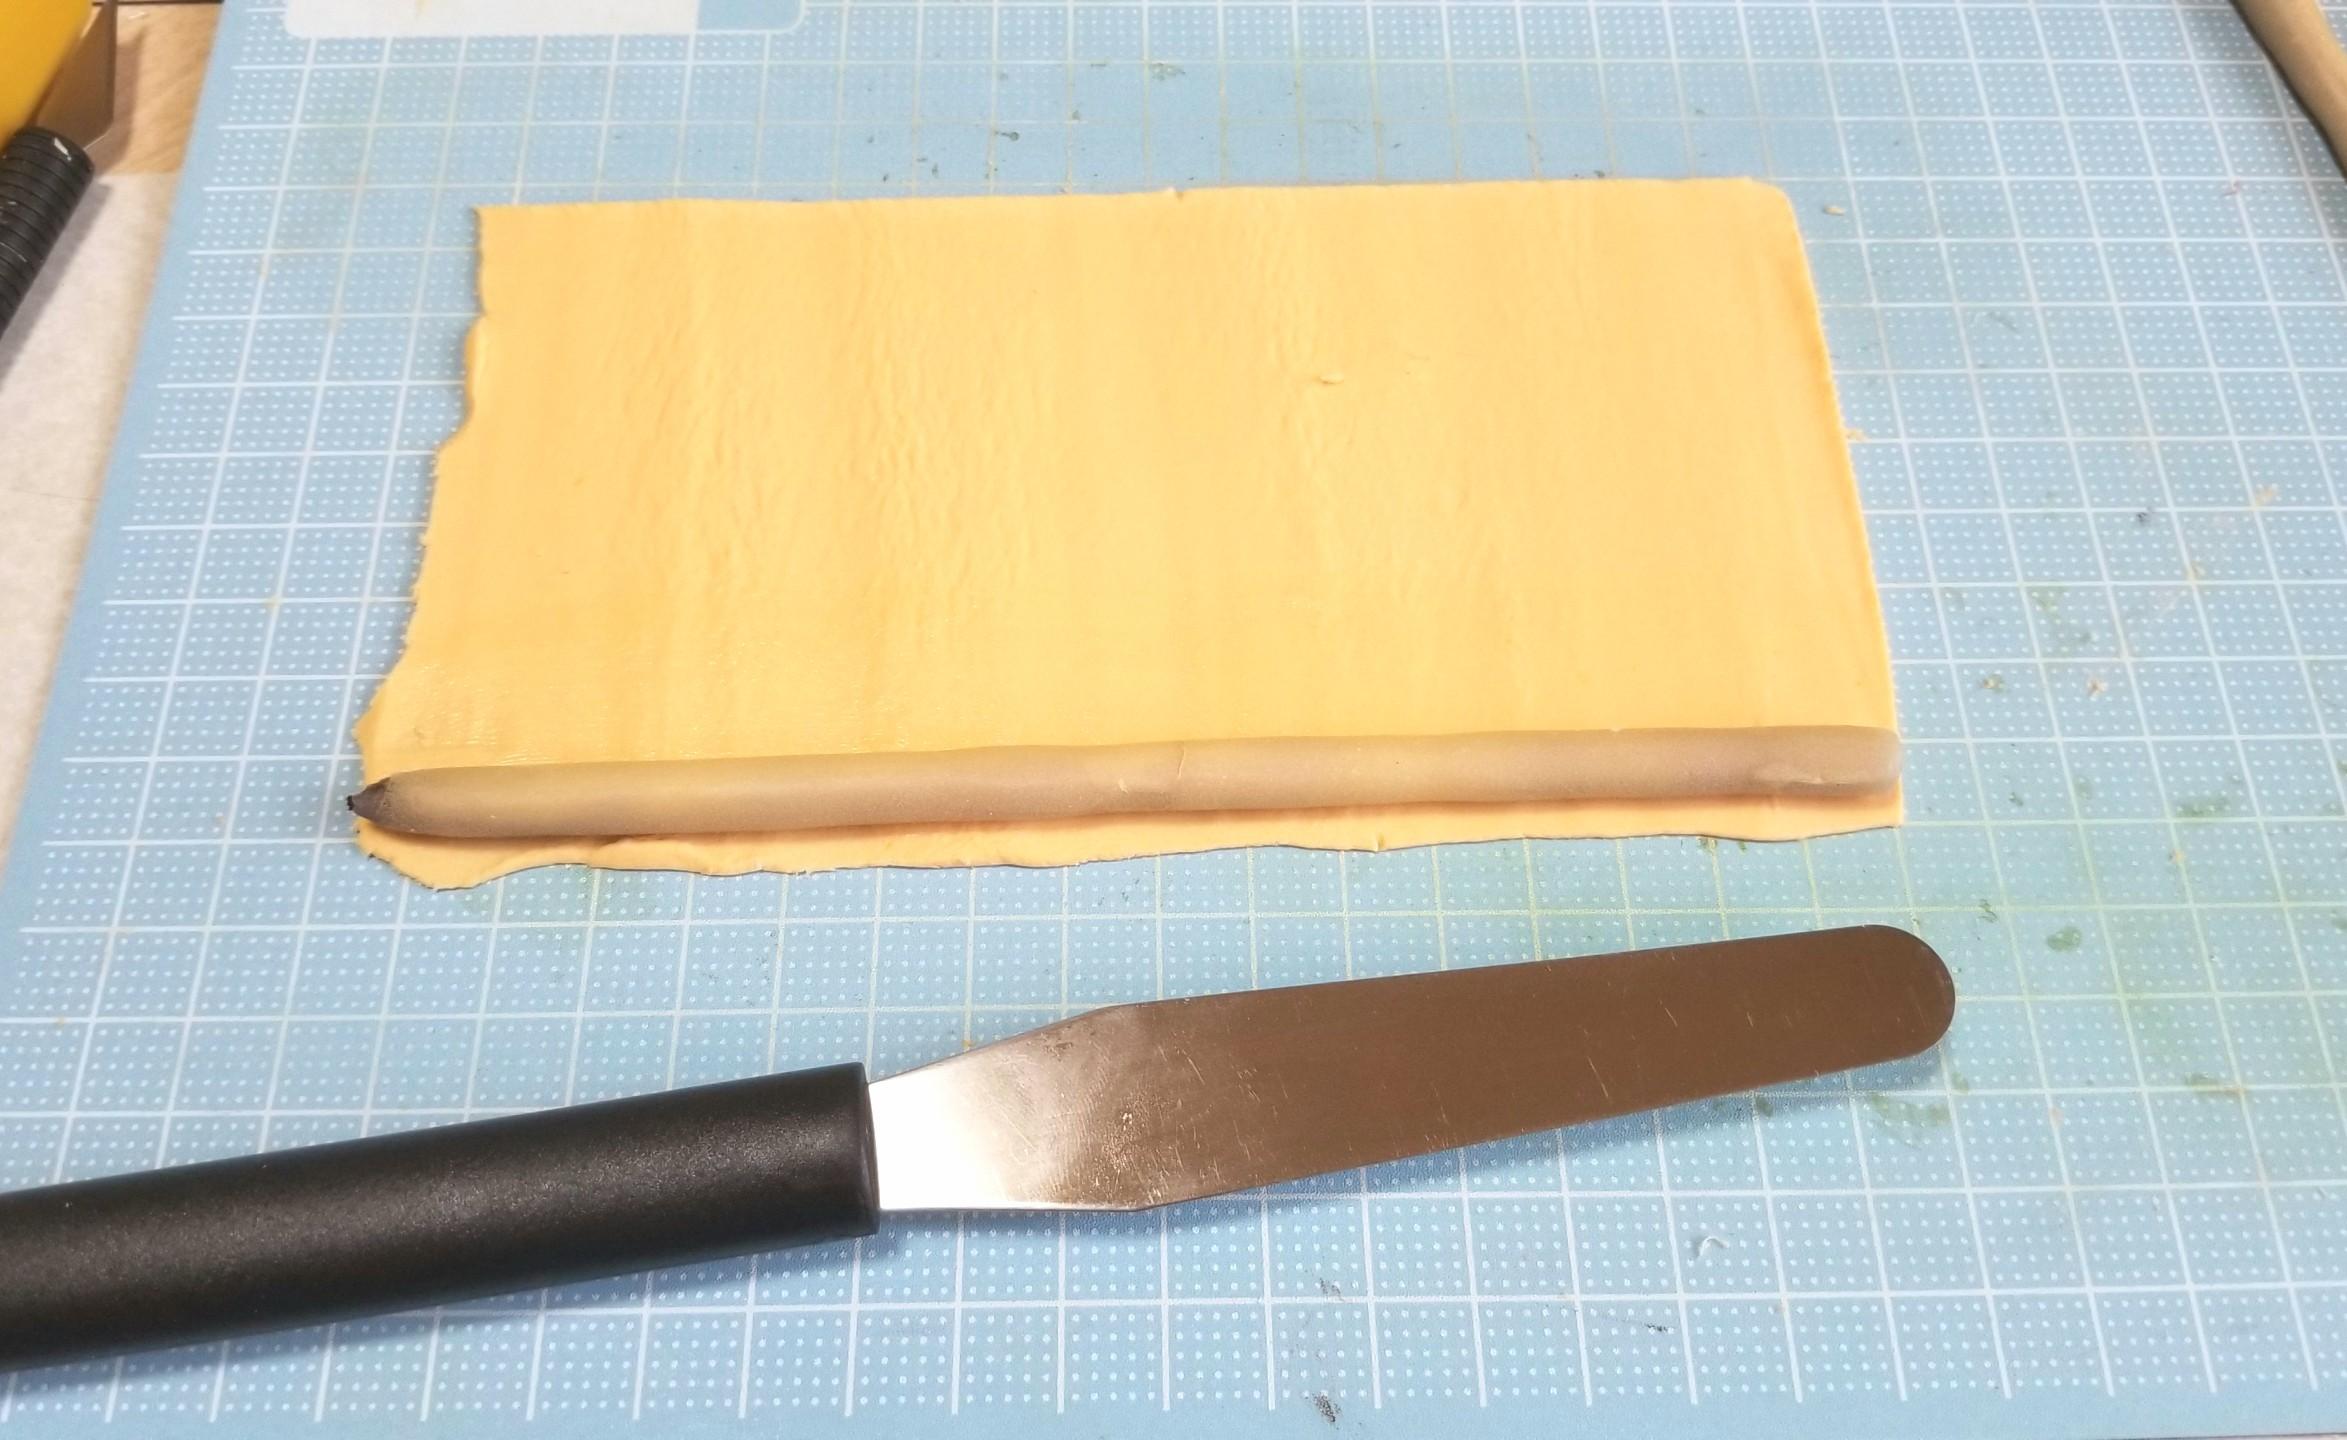 ミニチュアフード,柿菓子の作り方,和菓子,樹脂粘土,ハンドメイド